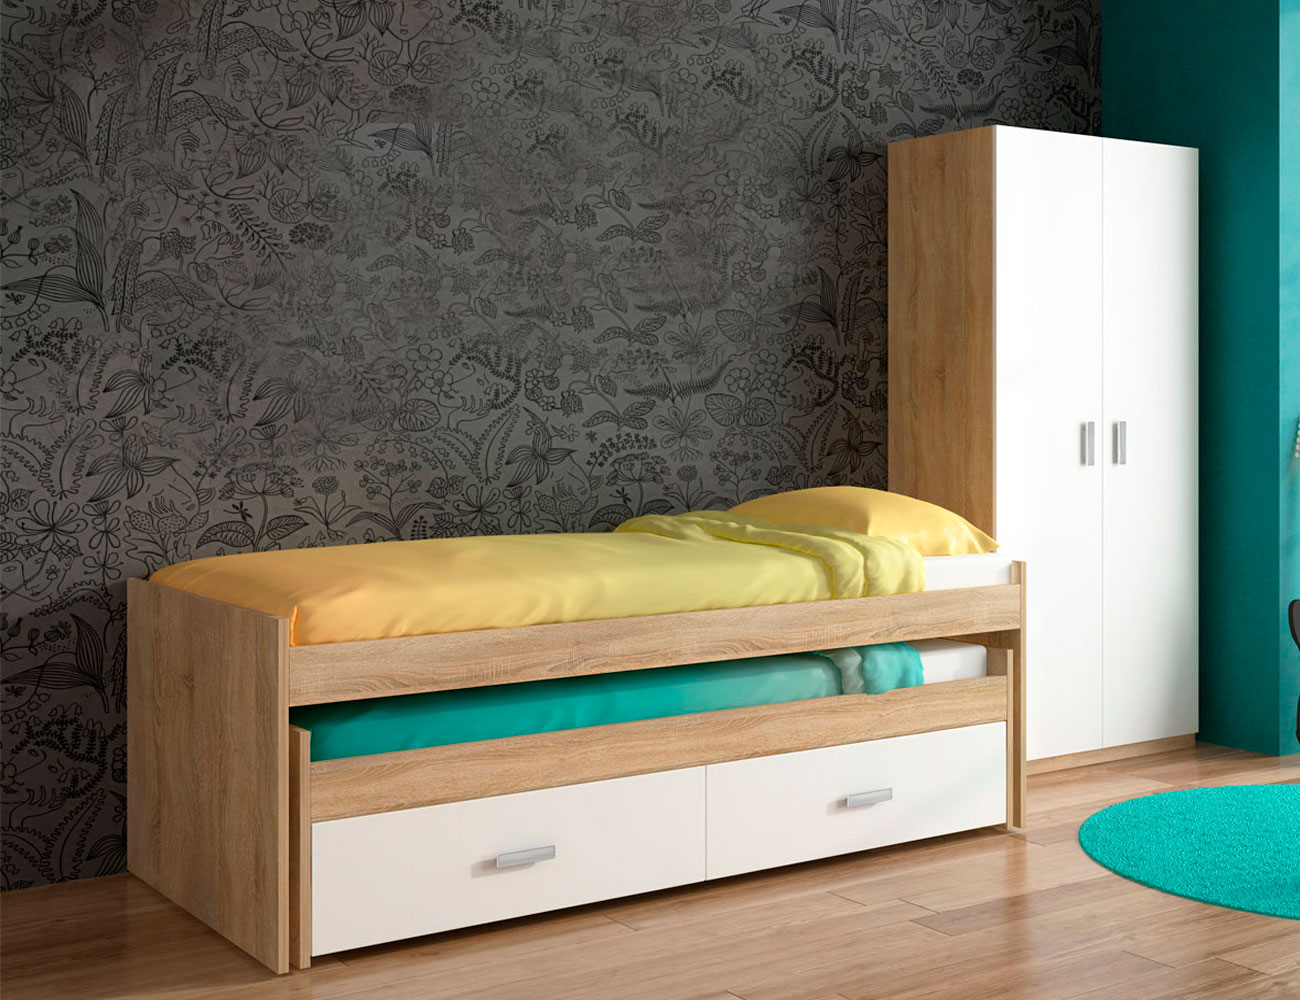 Dormitorio juvenil compacto armario cambrian blanco